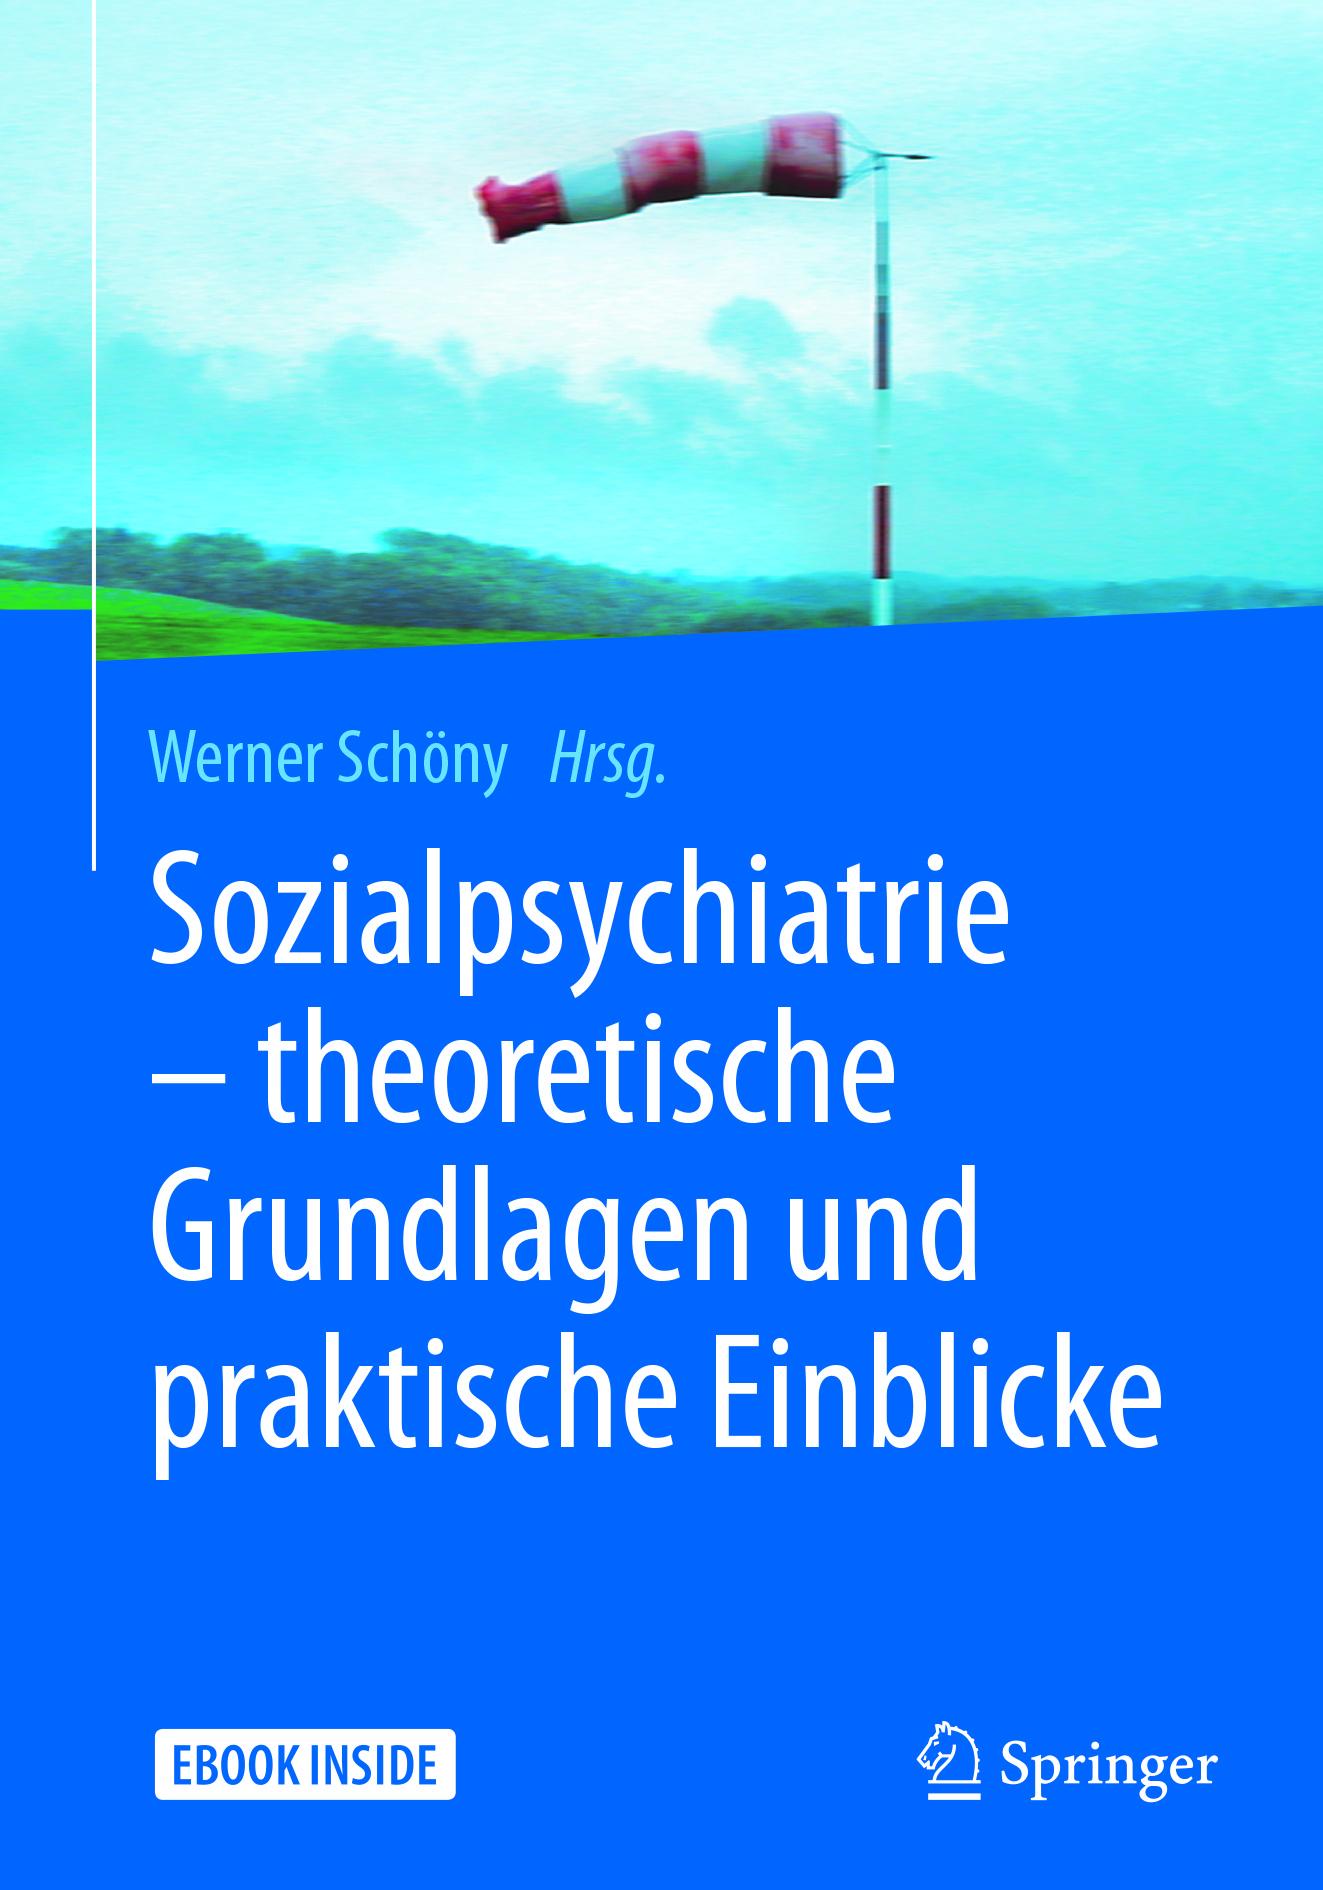 Schöny, Werner - Sozialpsychiatrie – theoretische Grundlagen und praktische Einblicke, e-kirja